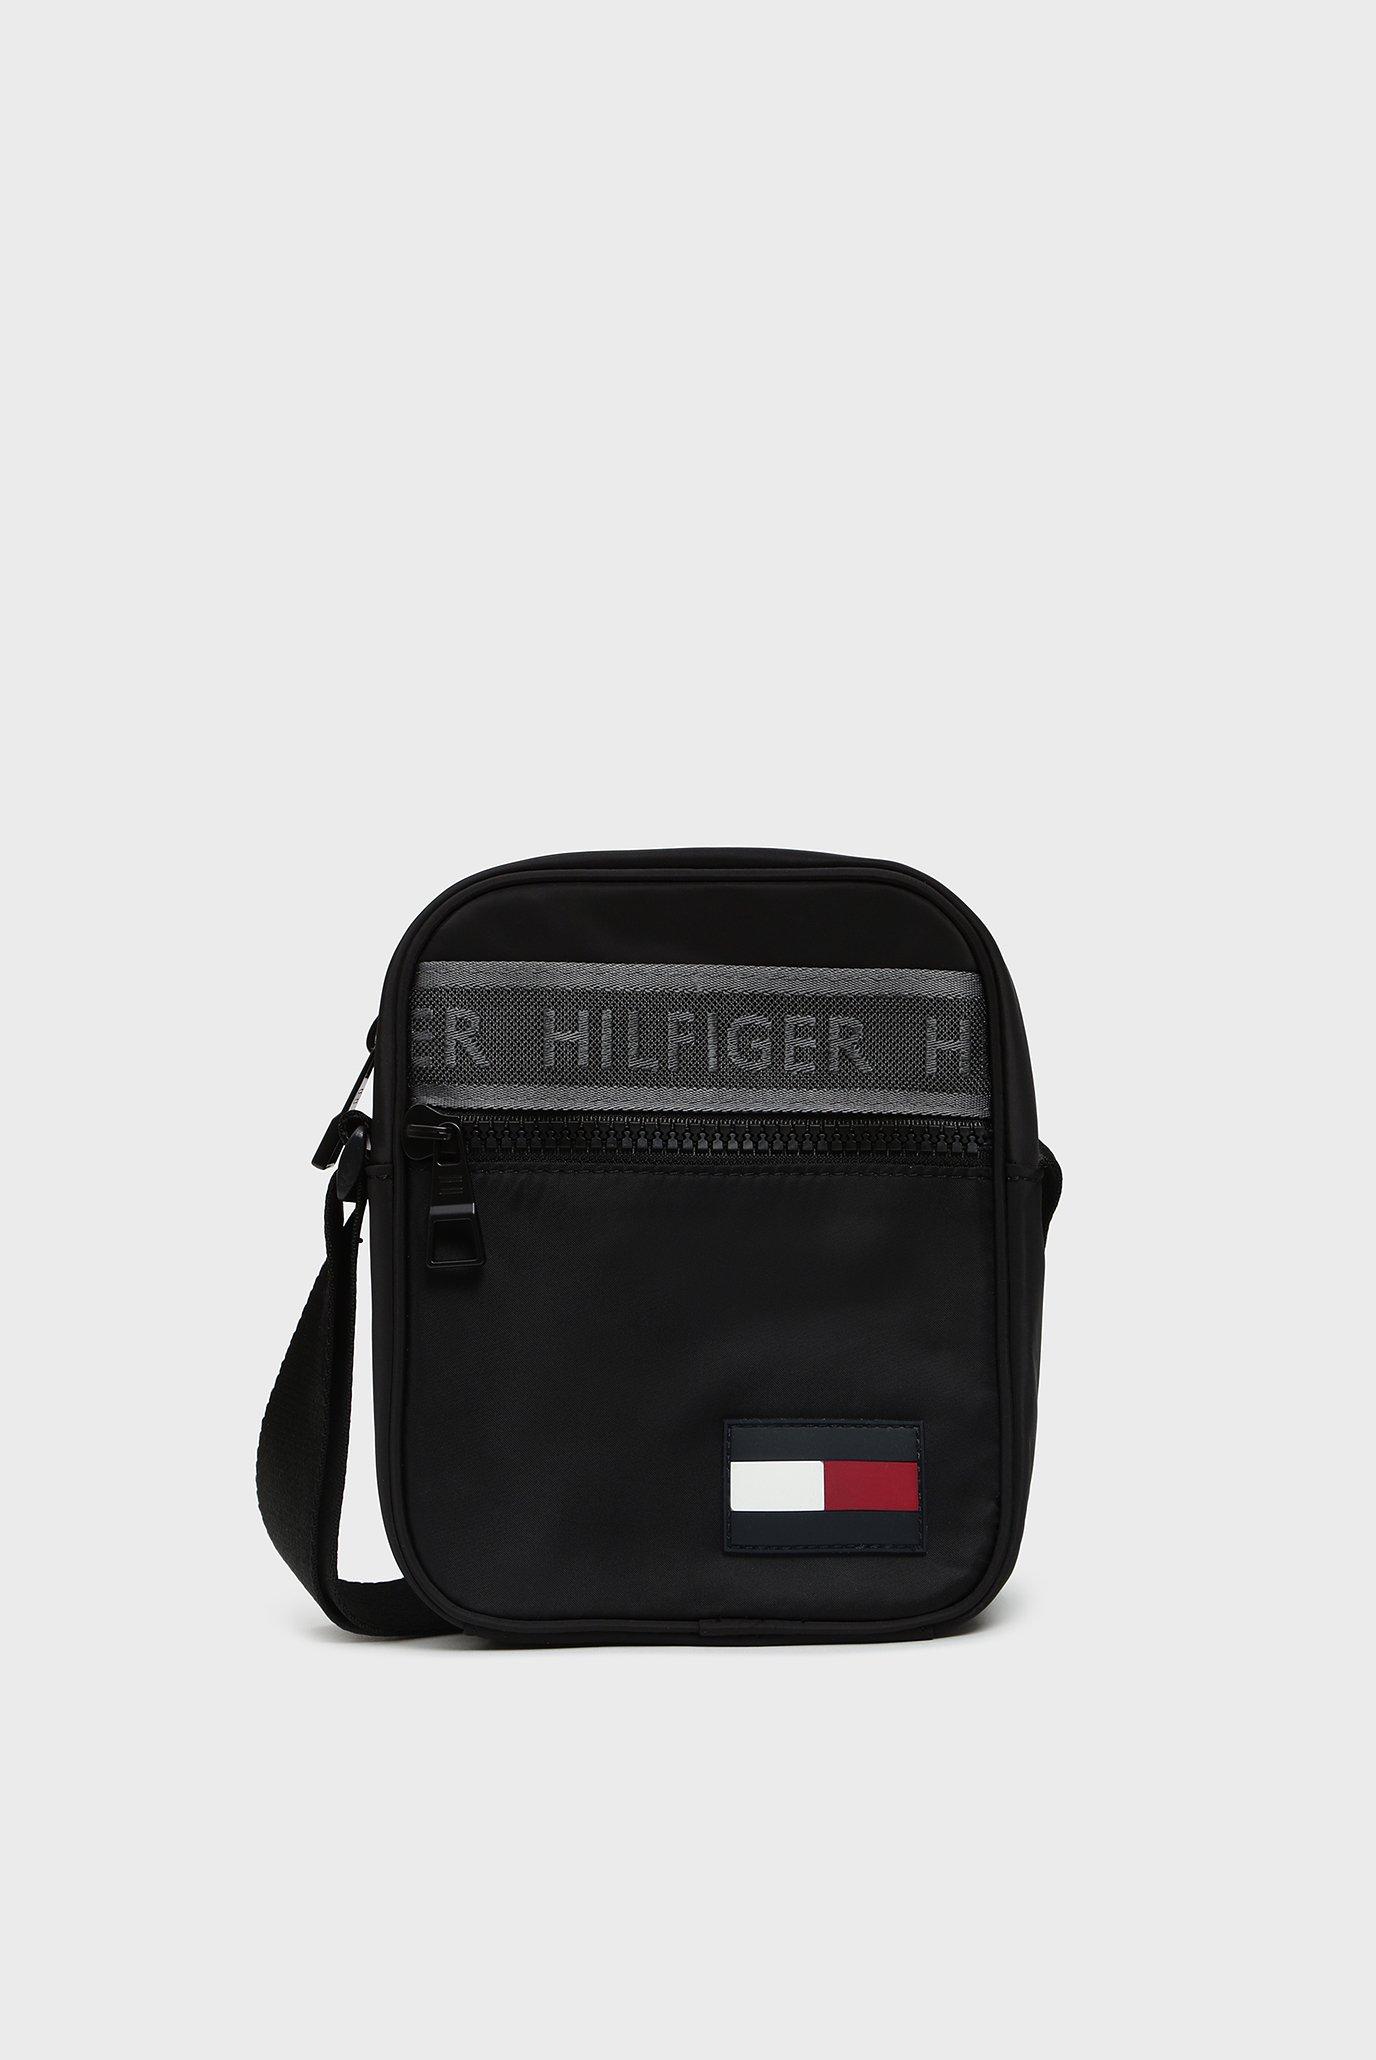 Купить Мужская черная сумка через плечо SPORT MIX MINI Tommy Hilfiger Tommy Hilfiger AM0AM04779 – Киев, Украина. Цены в интернет магазине MD Fashion